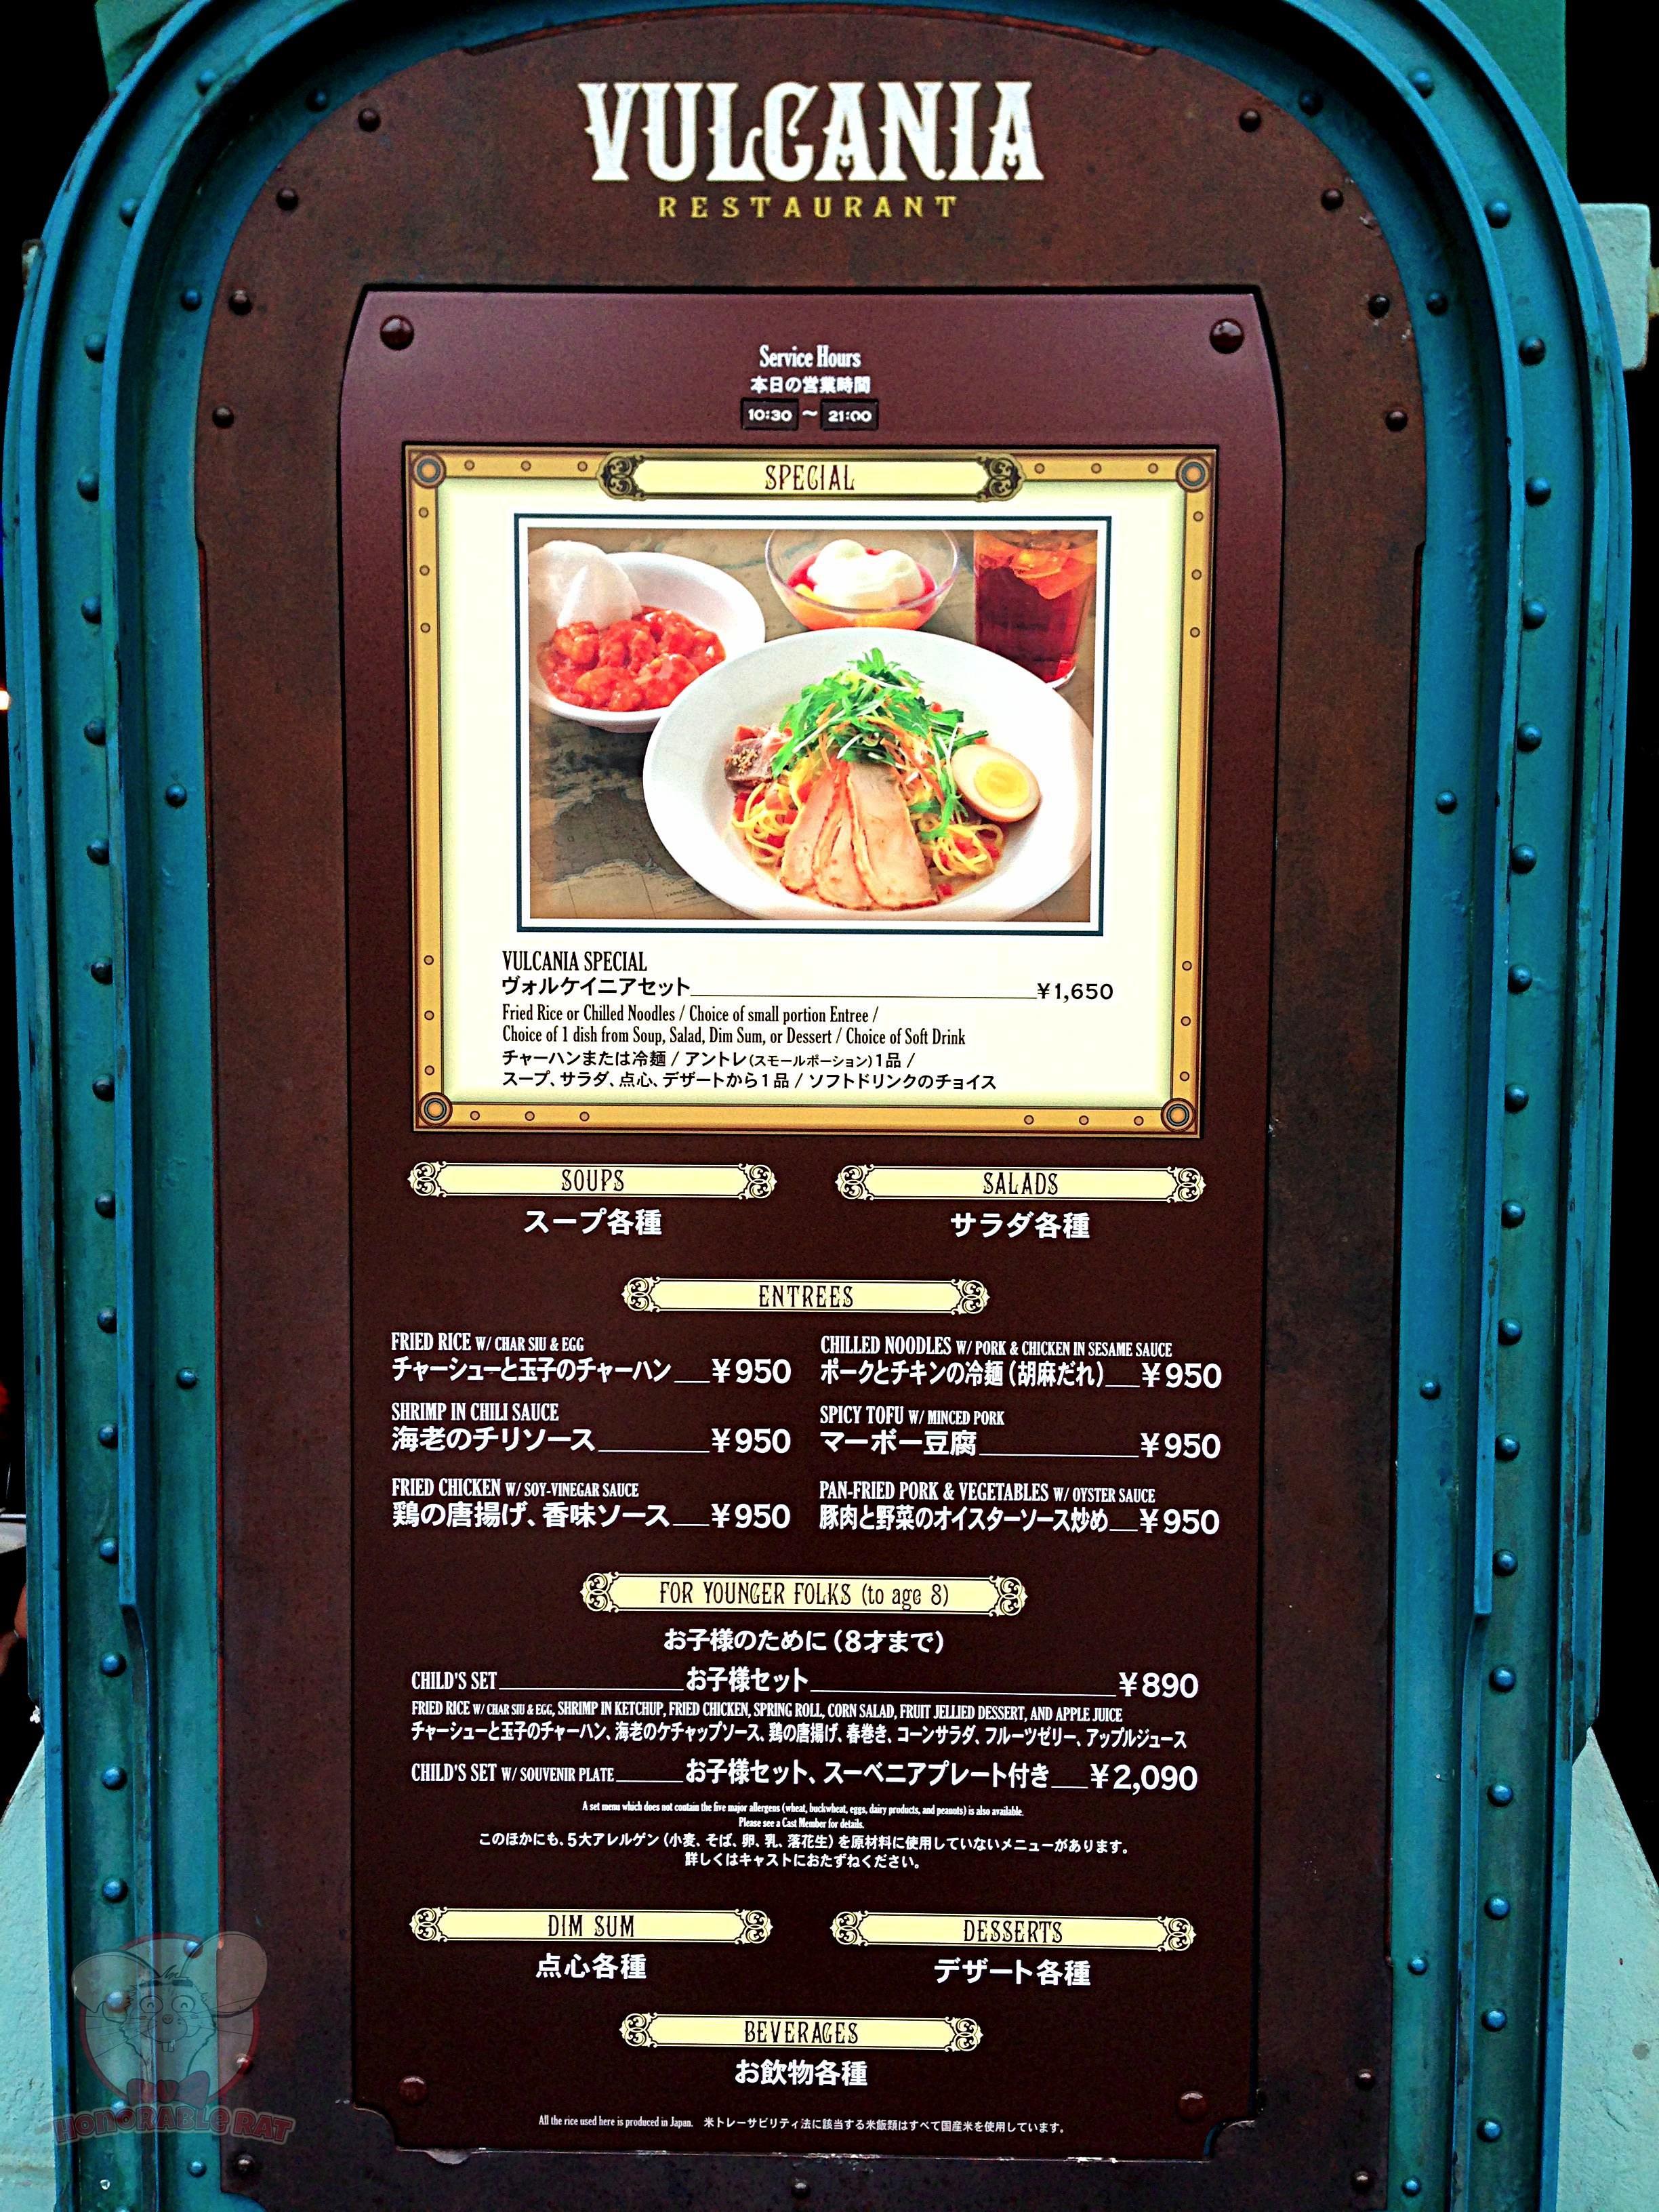 Vulcania's menu